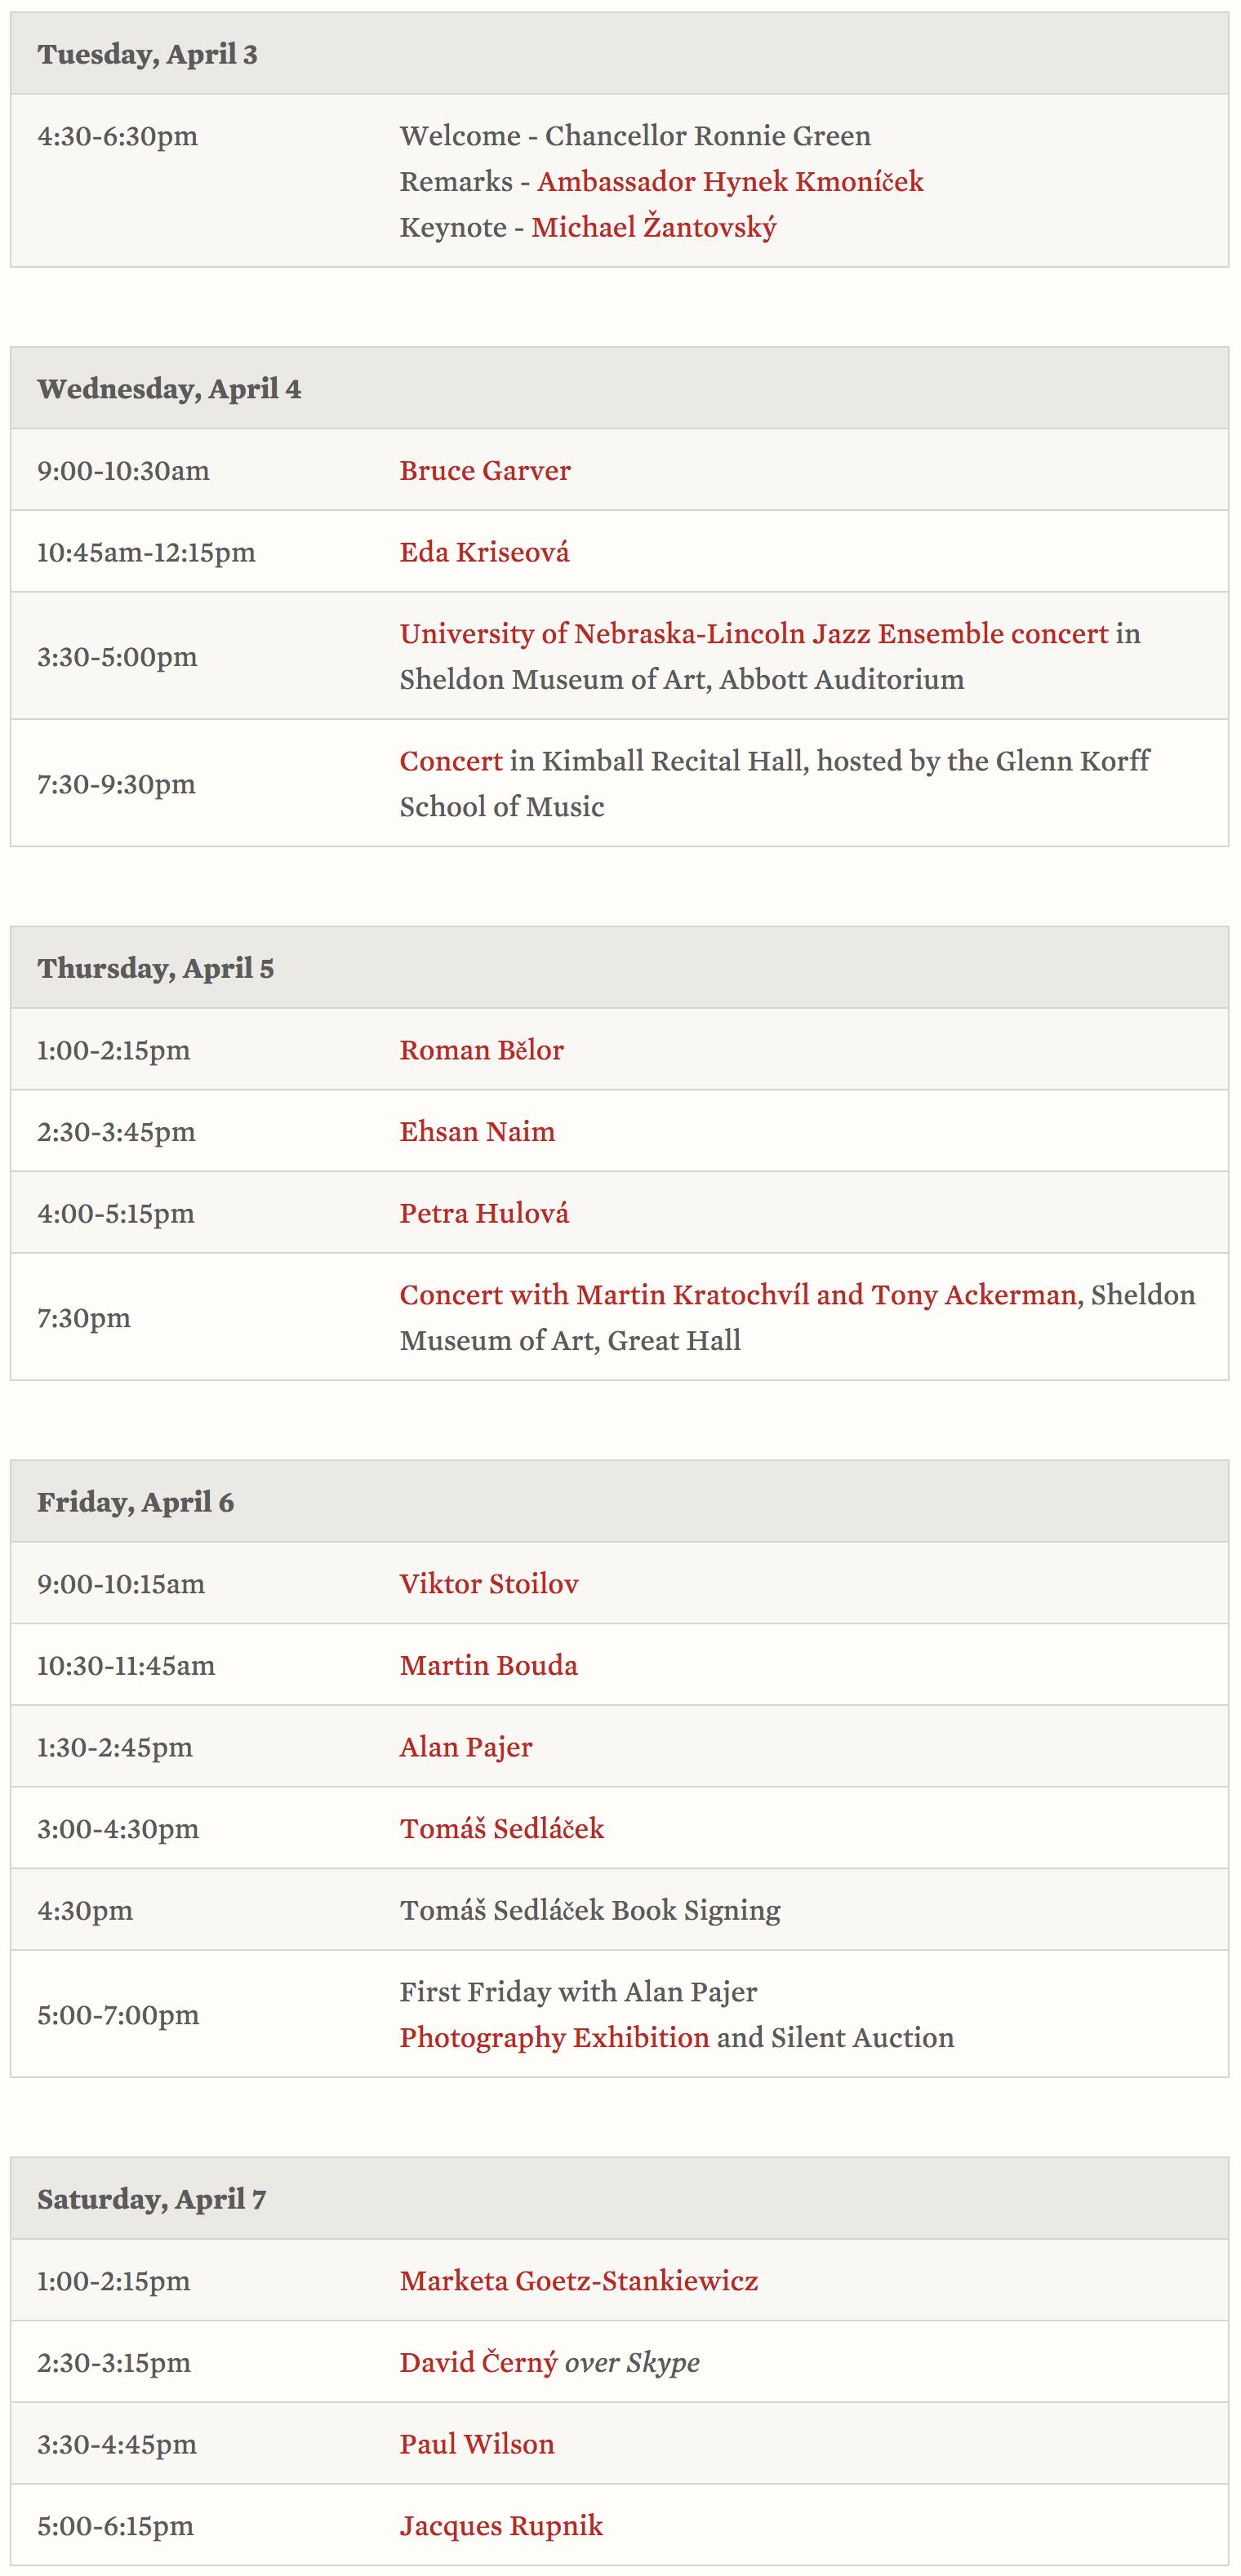 Prague Spring 50 Schedule